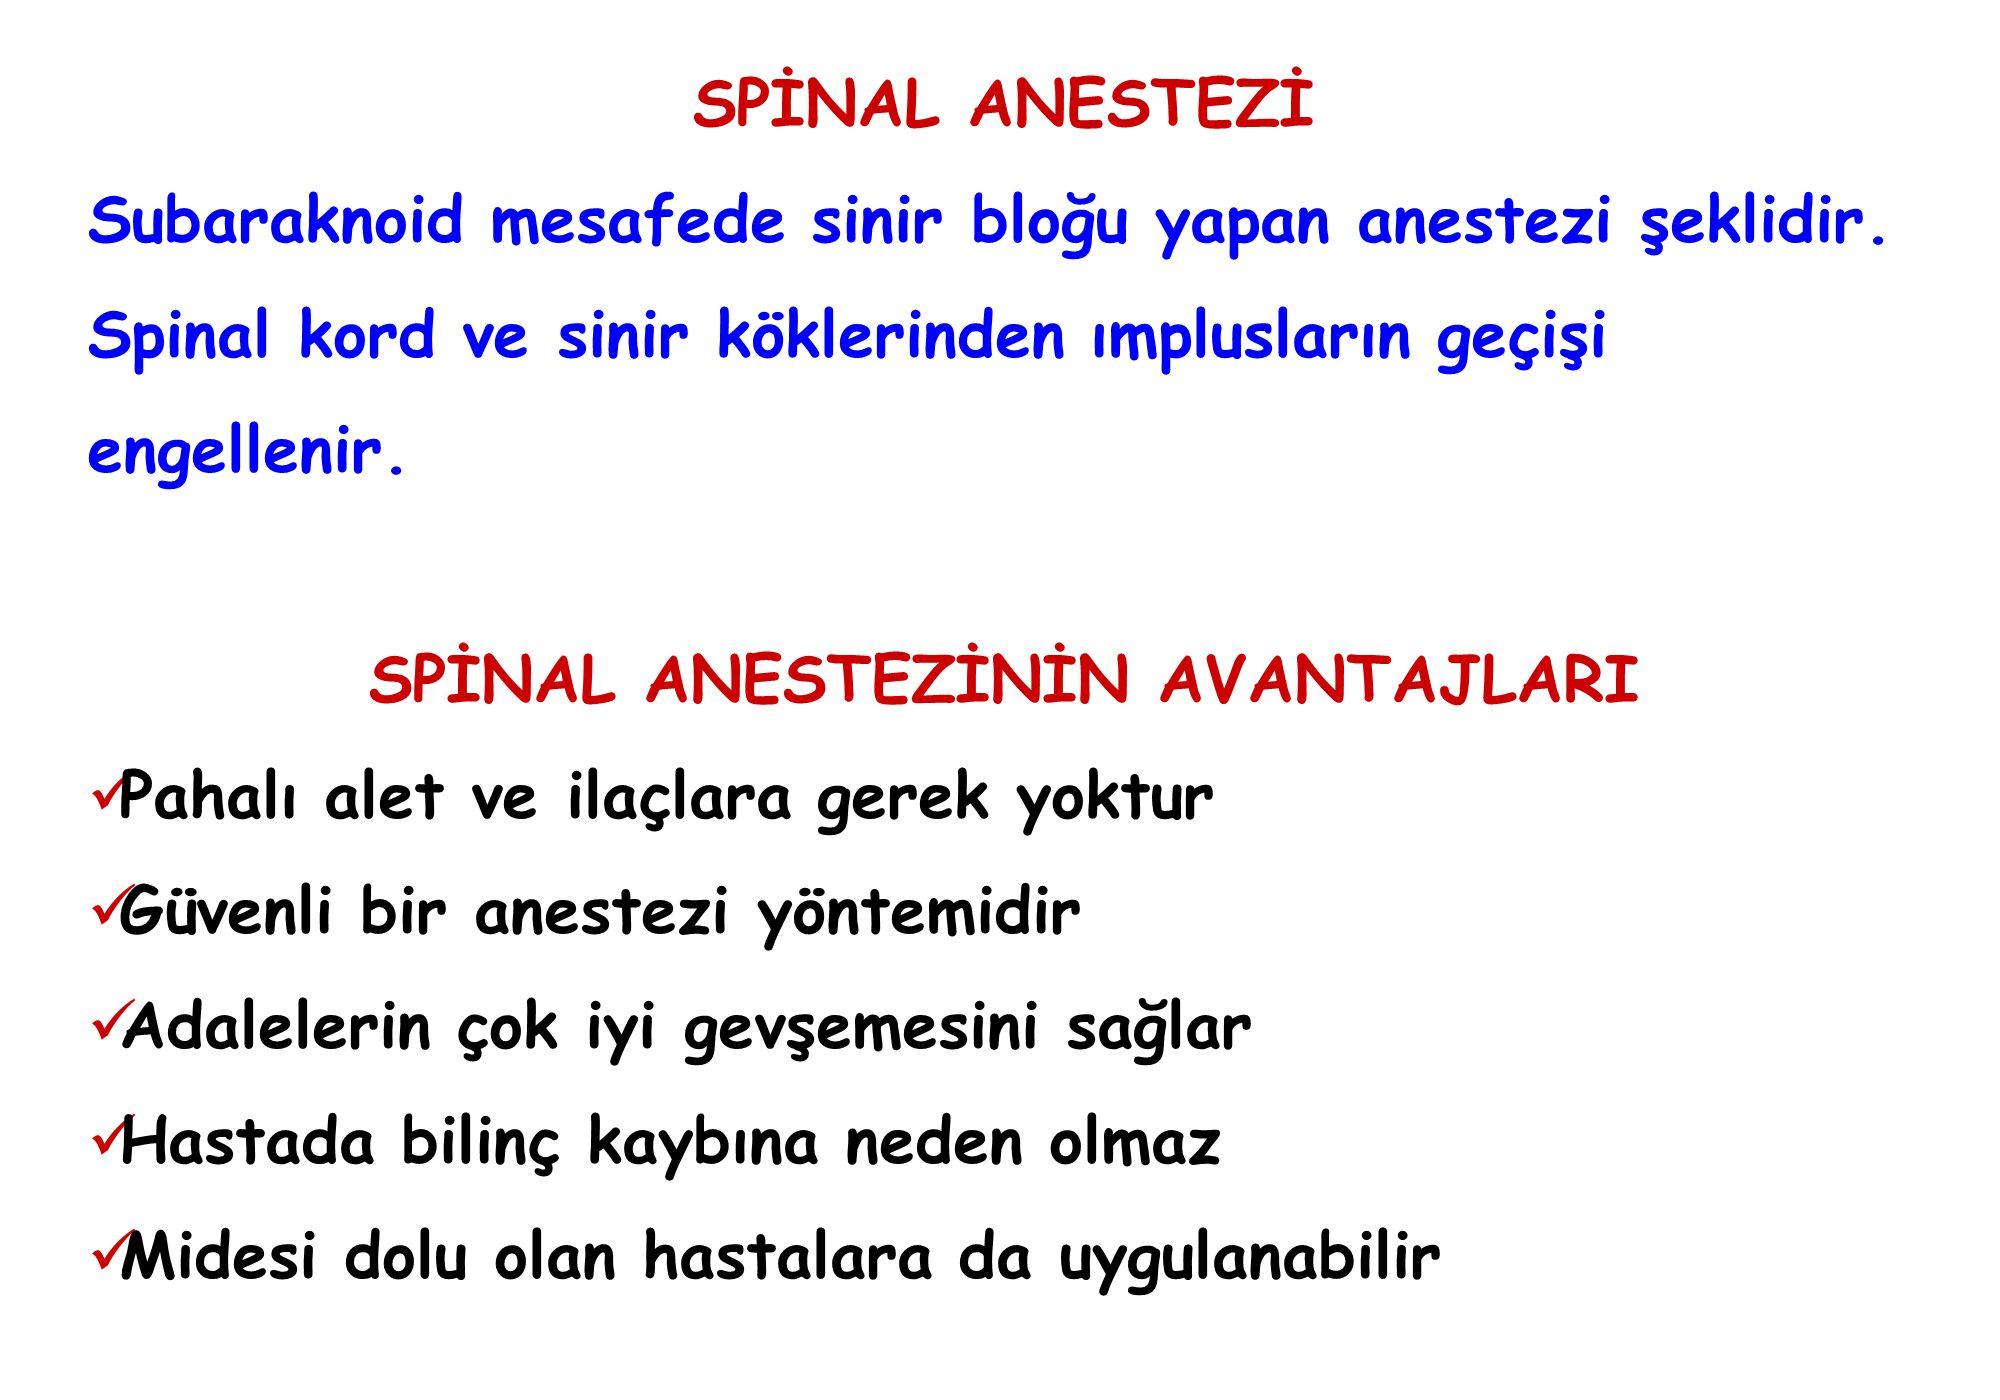 SPİNAL ANESTEZİ Subaraknoid mesafede sinir bloğu yapan anestezi şeklidir. Spinal kord ve sinir köklerinden ımplusların geçişi engellenir. SPİNAL ANEST